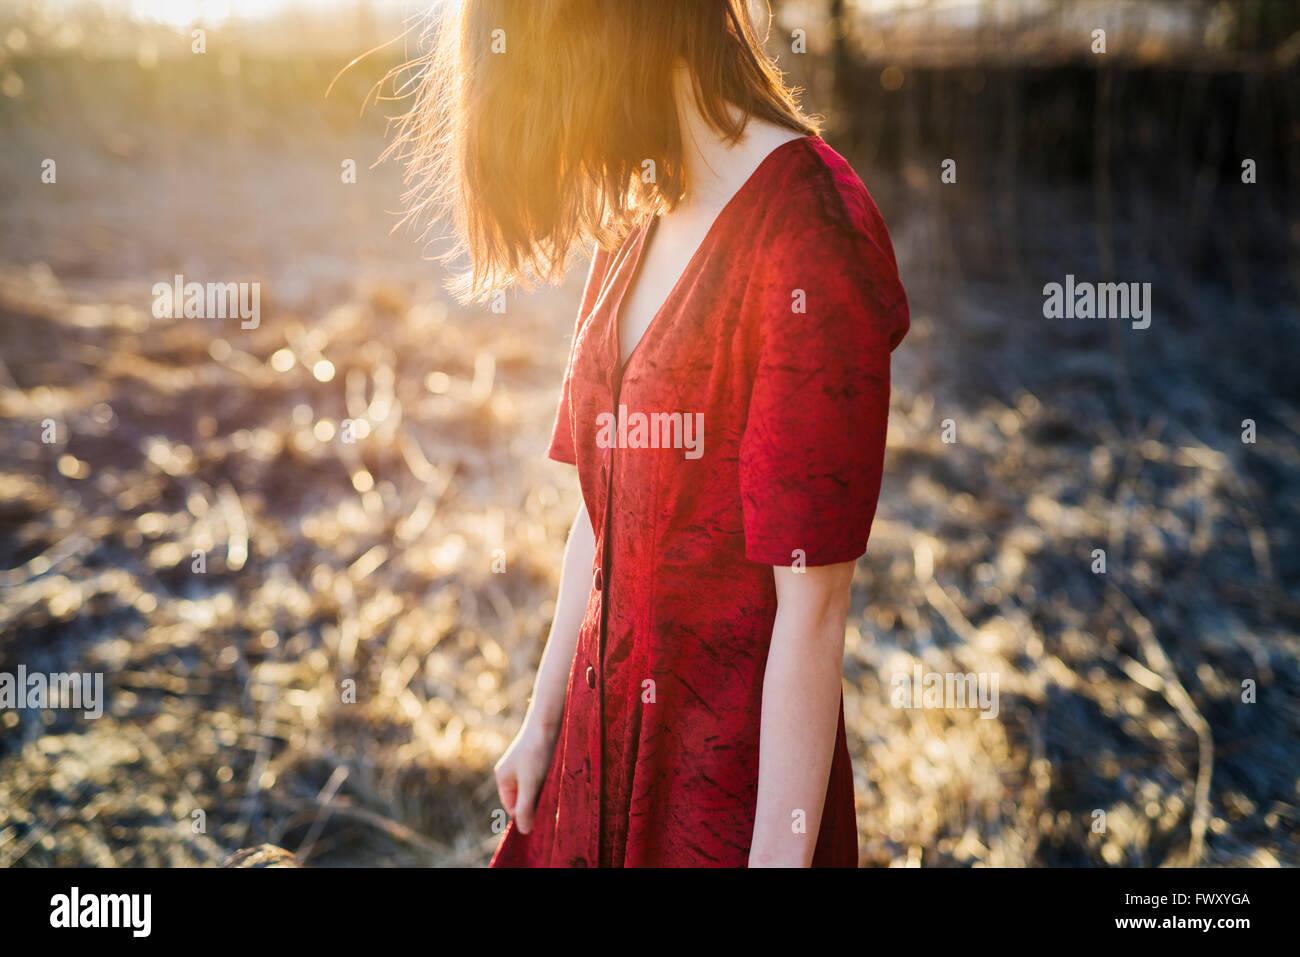 Finlandia, Varsinais-Suomi, rosso giovane donna capelli in abito rosso in piedi nella luce solare Immagini Stock